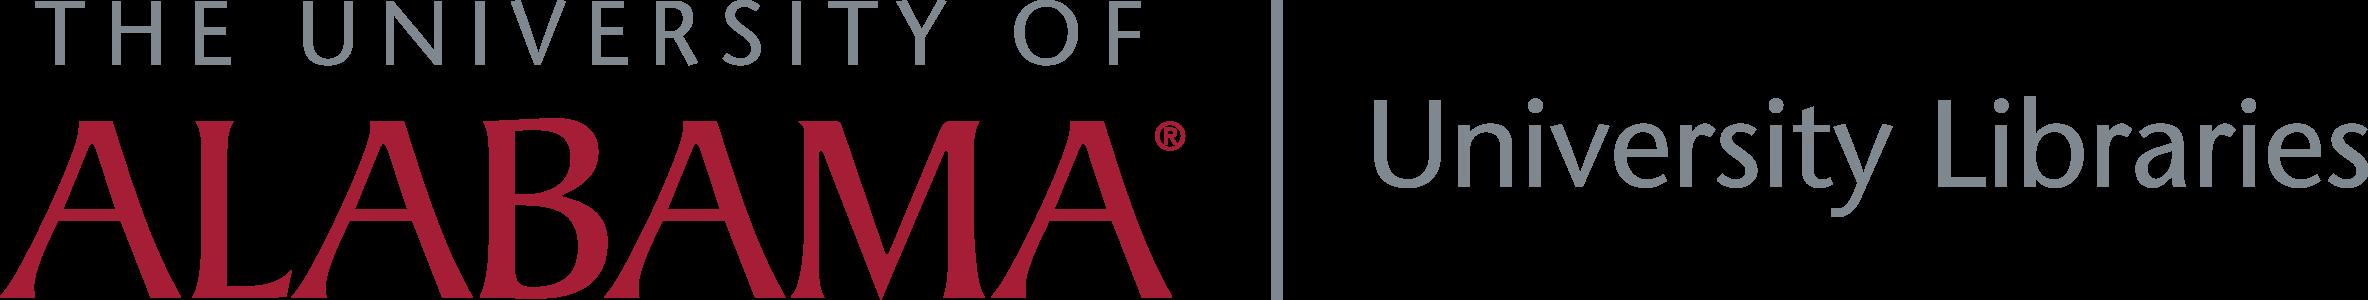 University of Alabama Libraries Logo